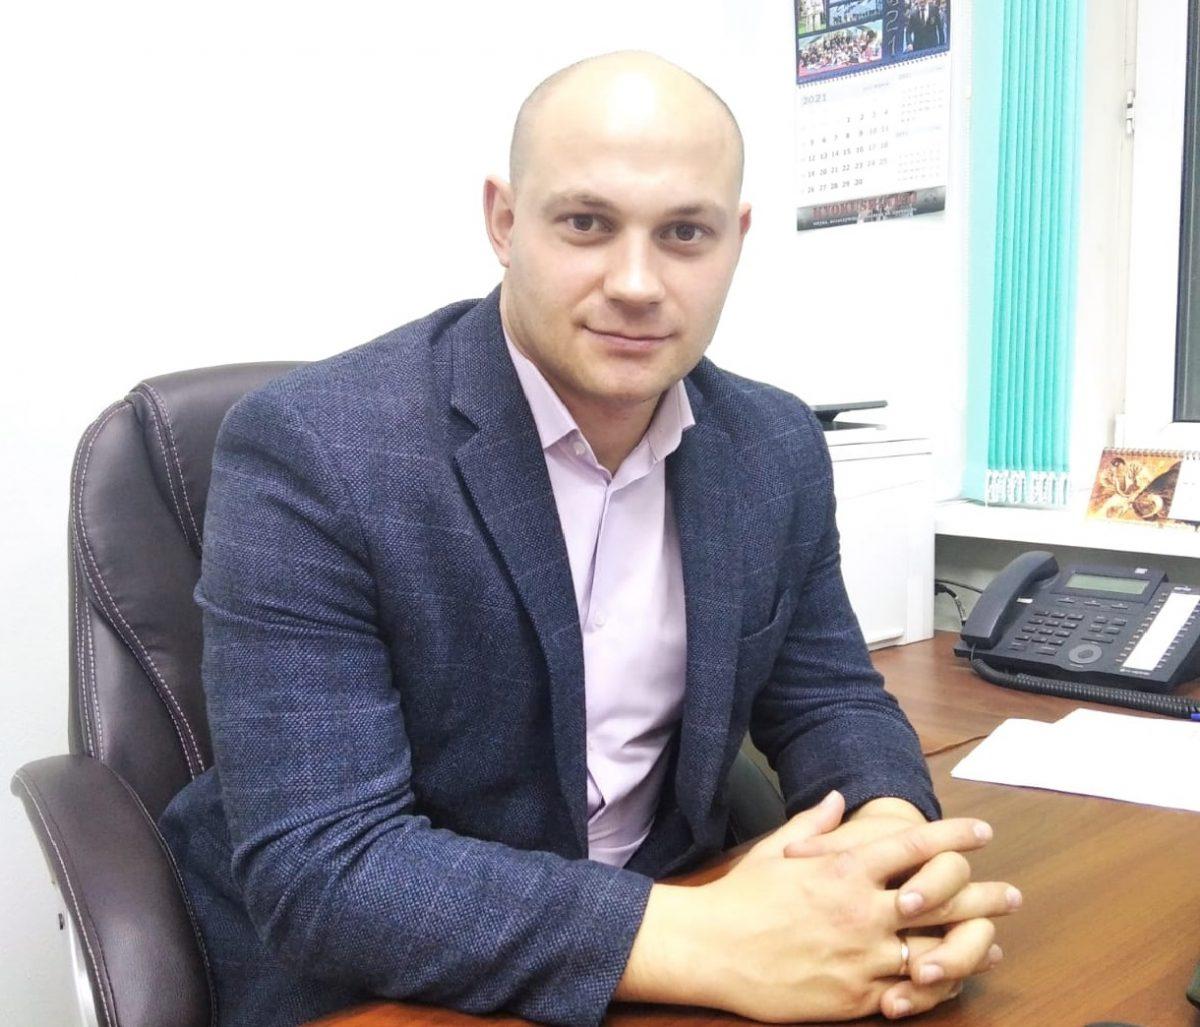 Антон Ермаков назначен директором департамента физической культуры и спорта Нижнего Новгорода